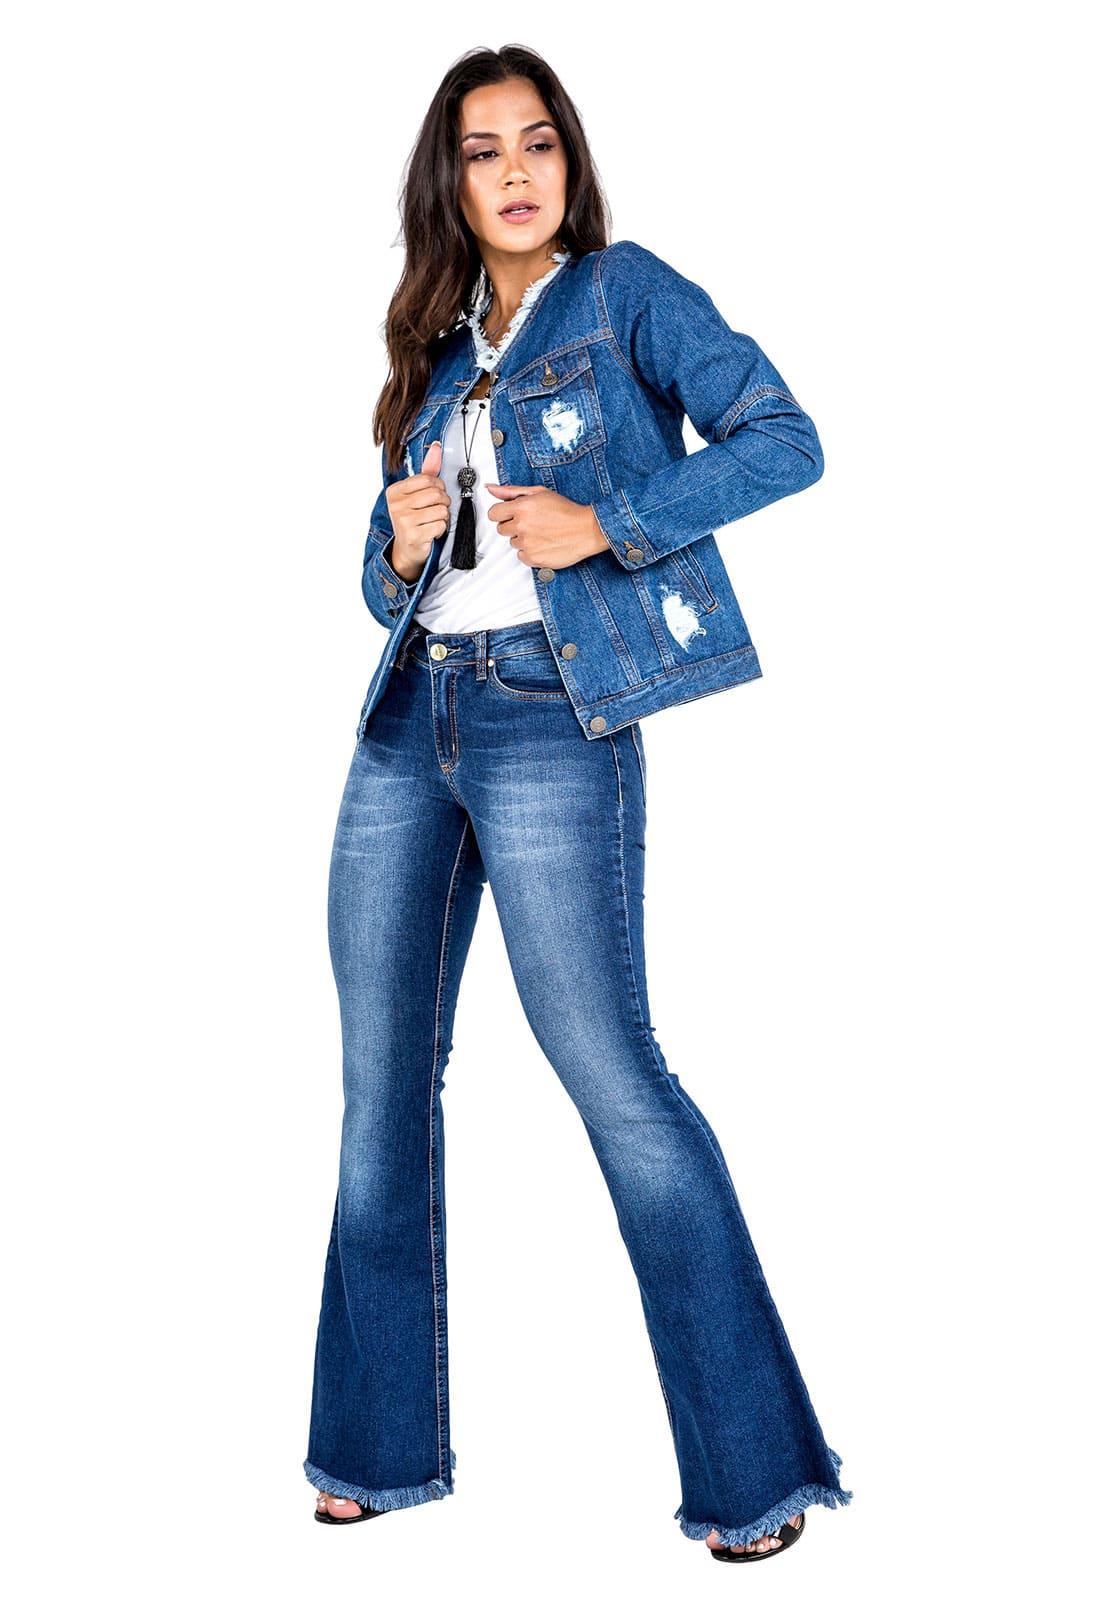 Jaqueta Jeans Feminina com Puídos